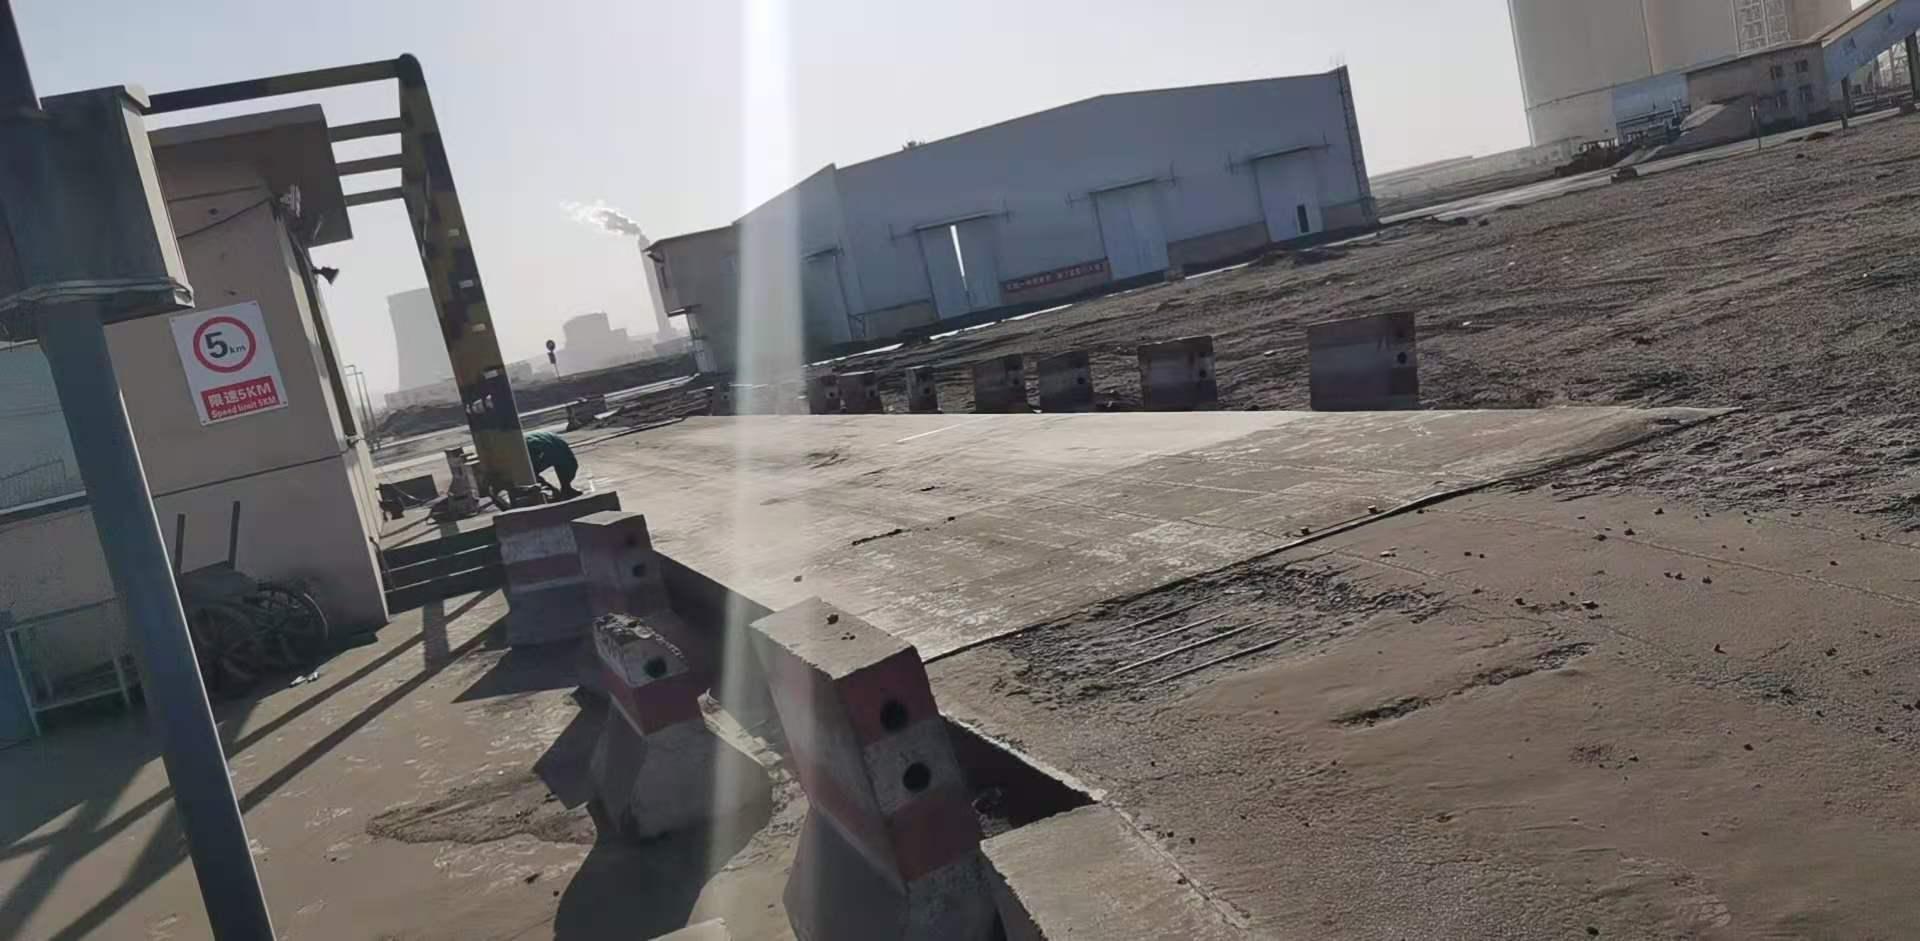 伊犁|伊宁150吨地磅更换全电子传感器,于双十一前安装调试完毕